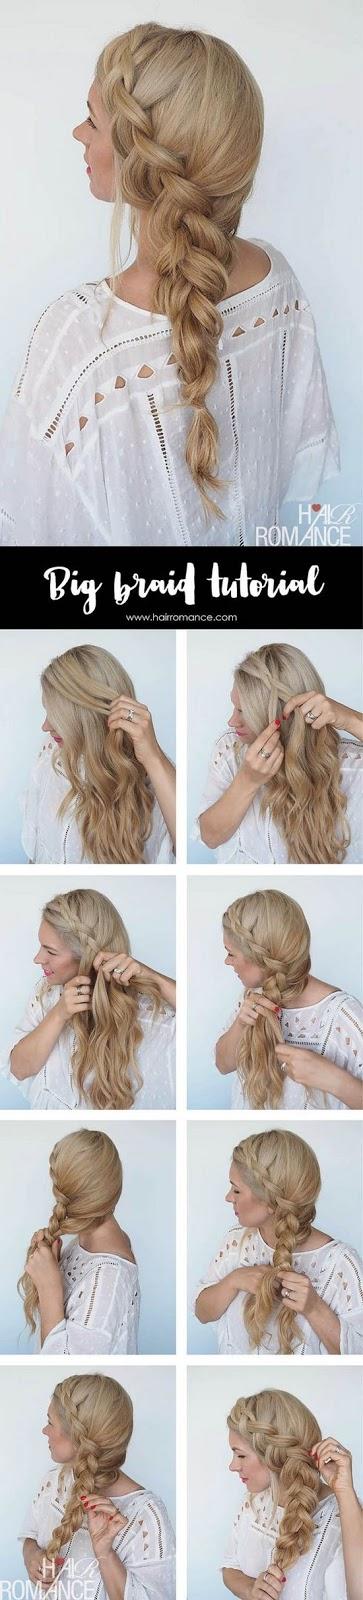 de todos los peinados sencillos de pelo largo si existe un ejemplo que me encanta y que me saca una sonrisa son los peinados con trenzas